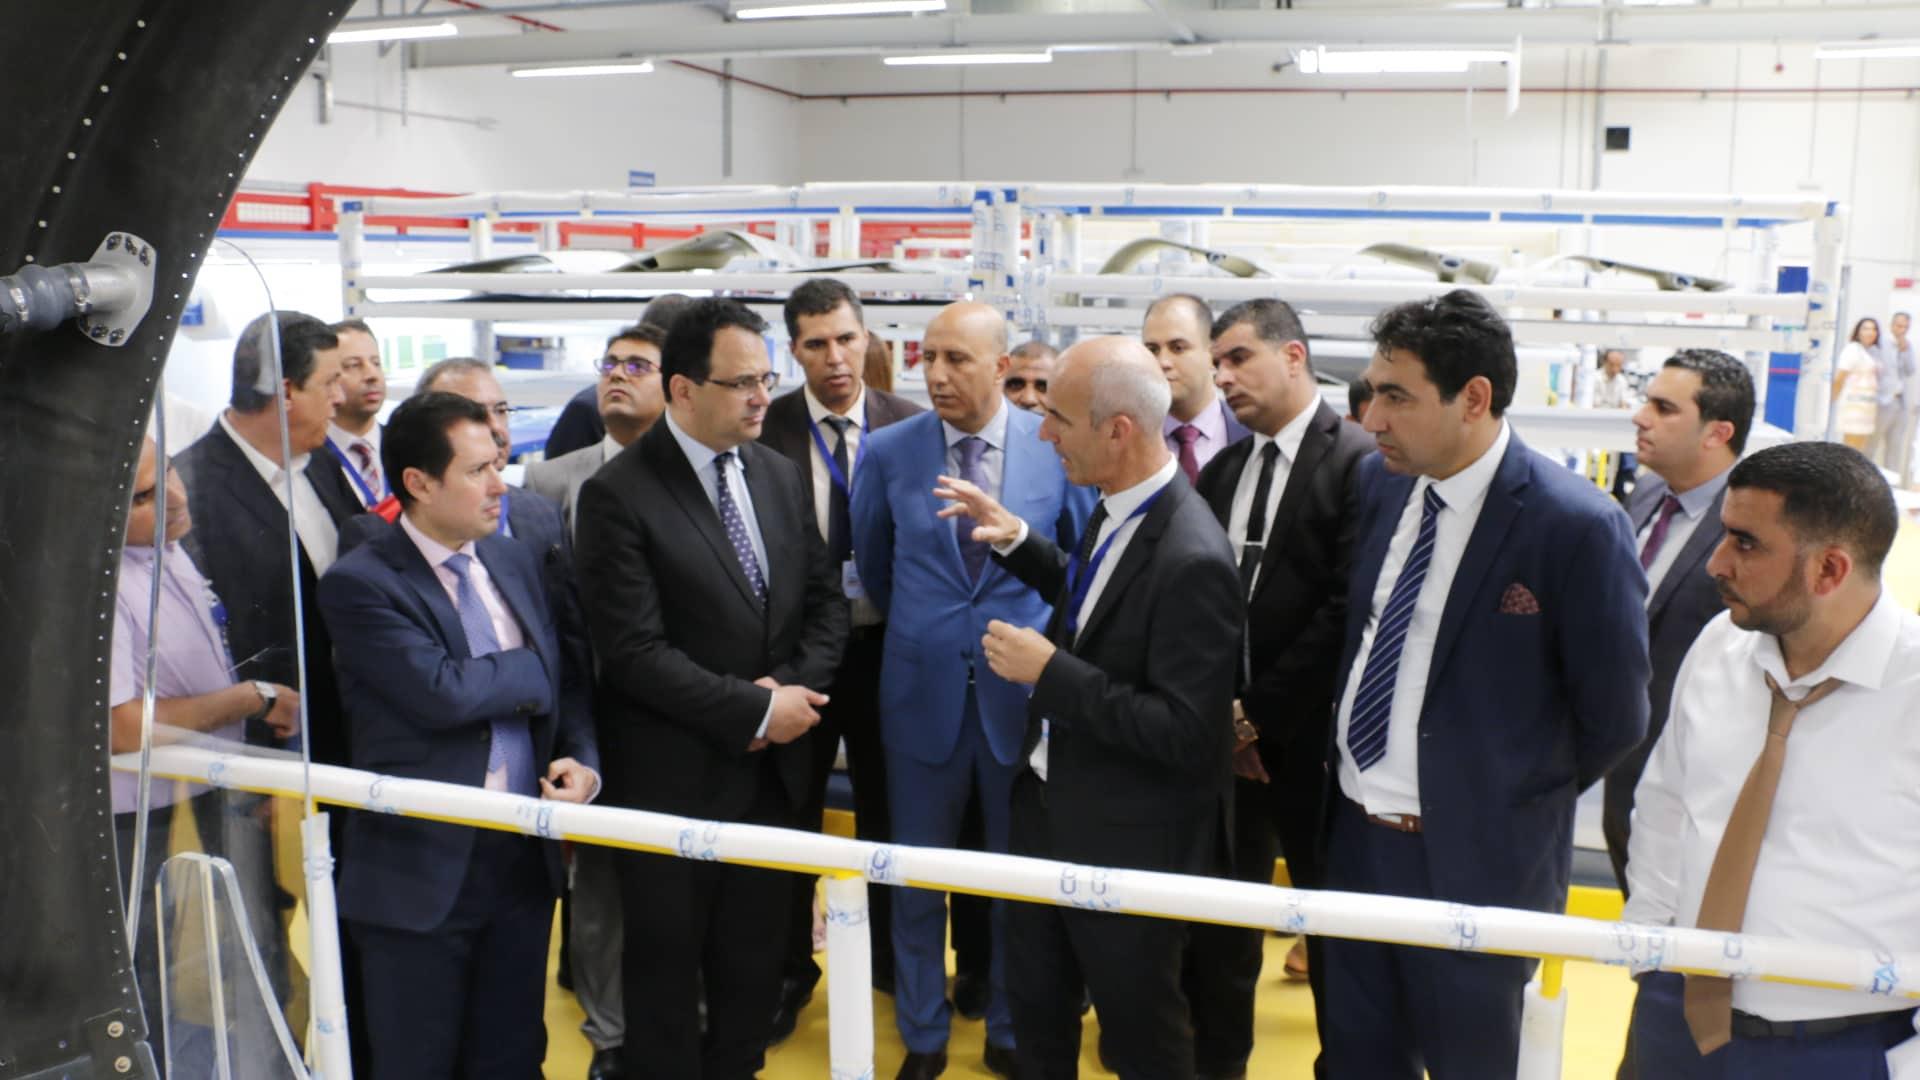 Cet événement a vu la présence du le ministre du Développement et de la Coopération internationale, Zied LADHARI, du ministre de l'Industrie et des PME Slim Feriani,  du directeur de la société Corse Composites Aéronautiques Tunisie Patrick de Lattre